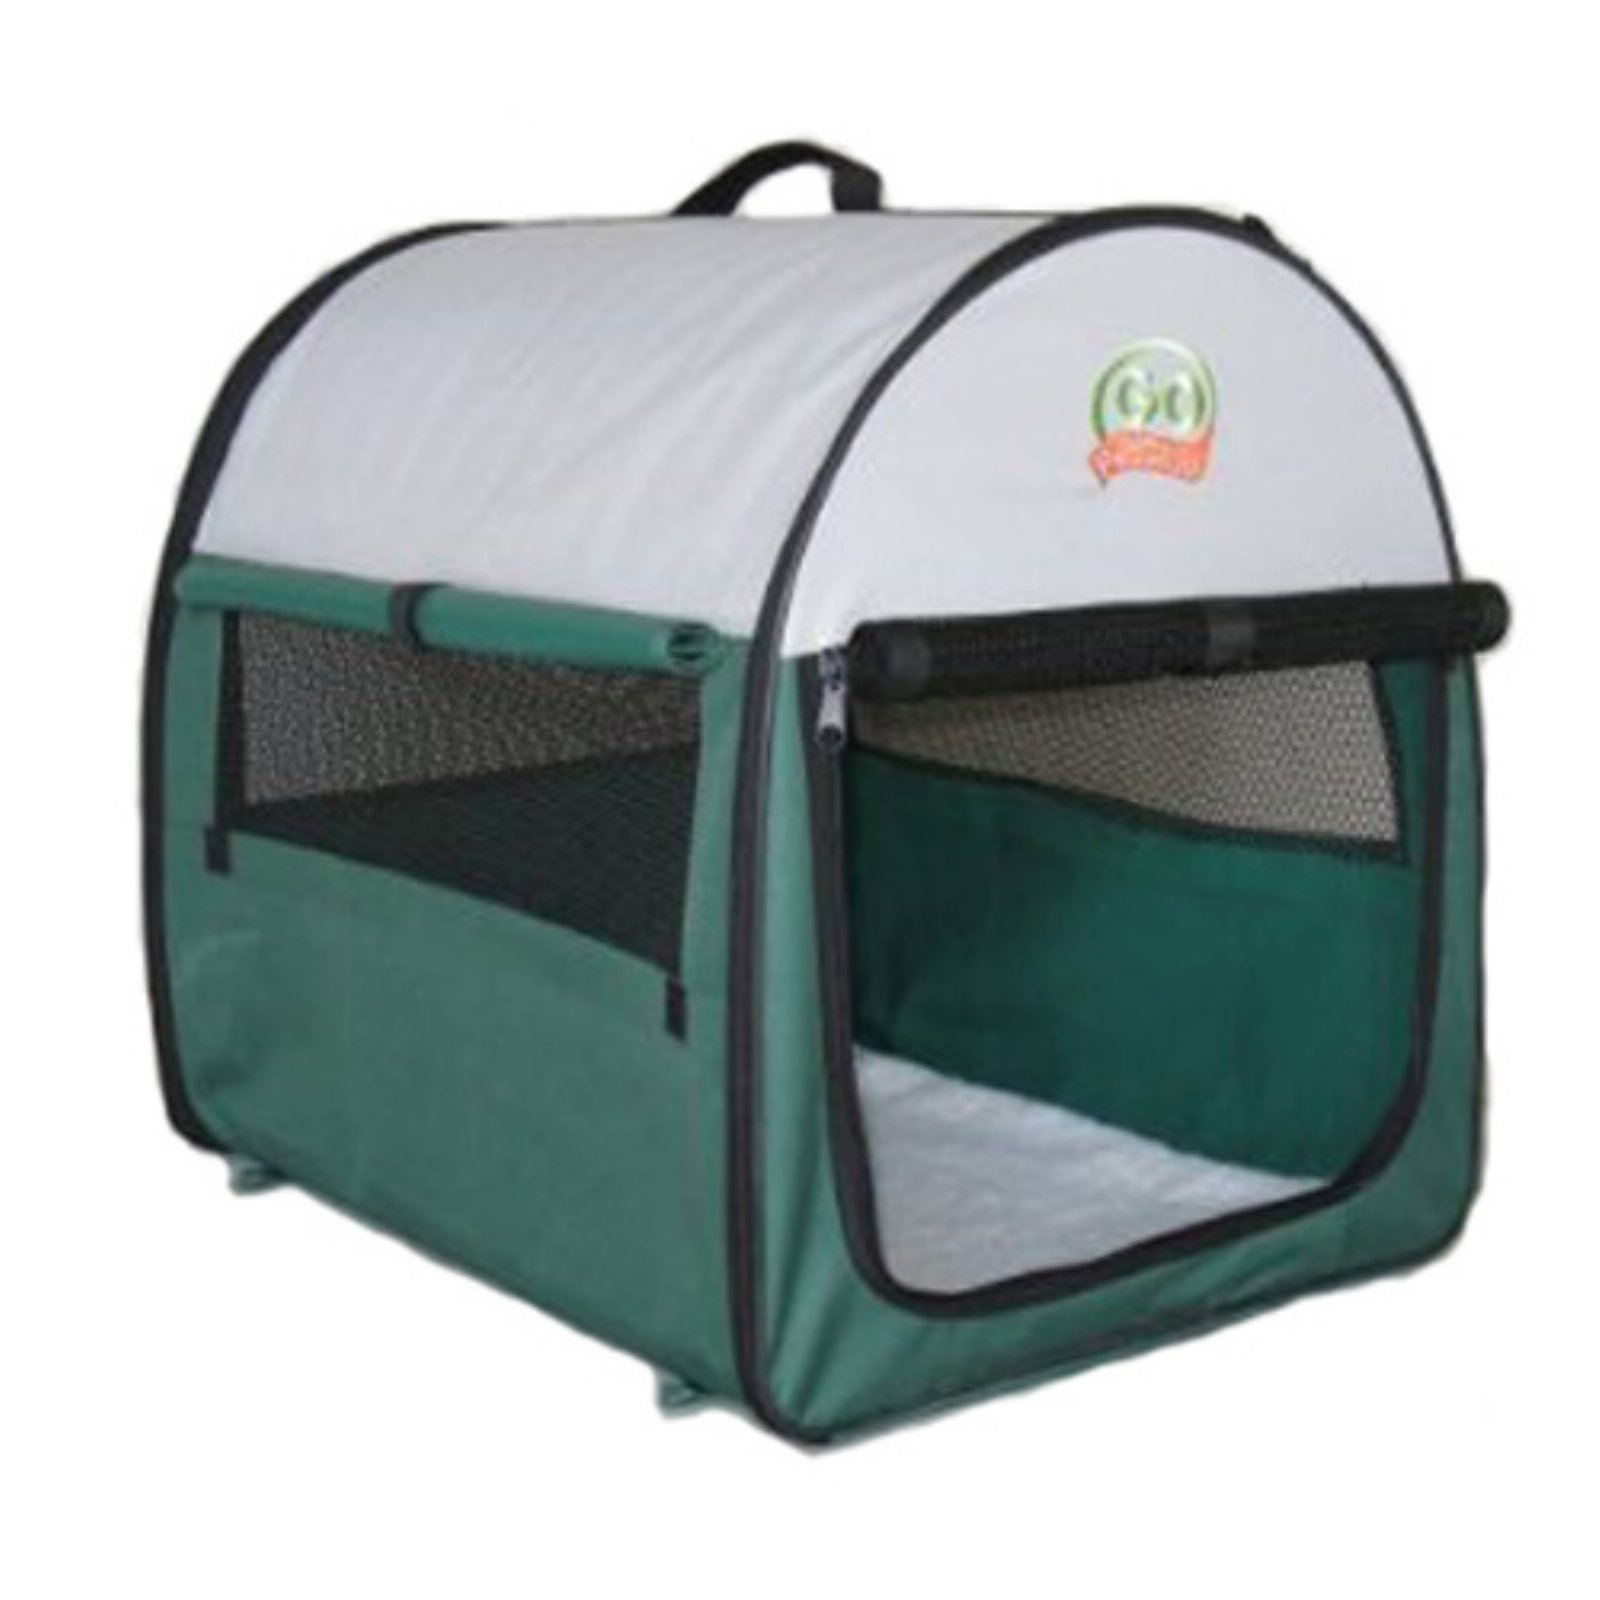 Go Pet Club Soft Pet Crate - Green